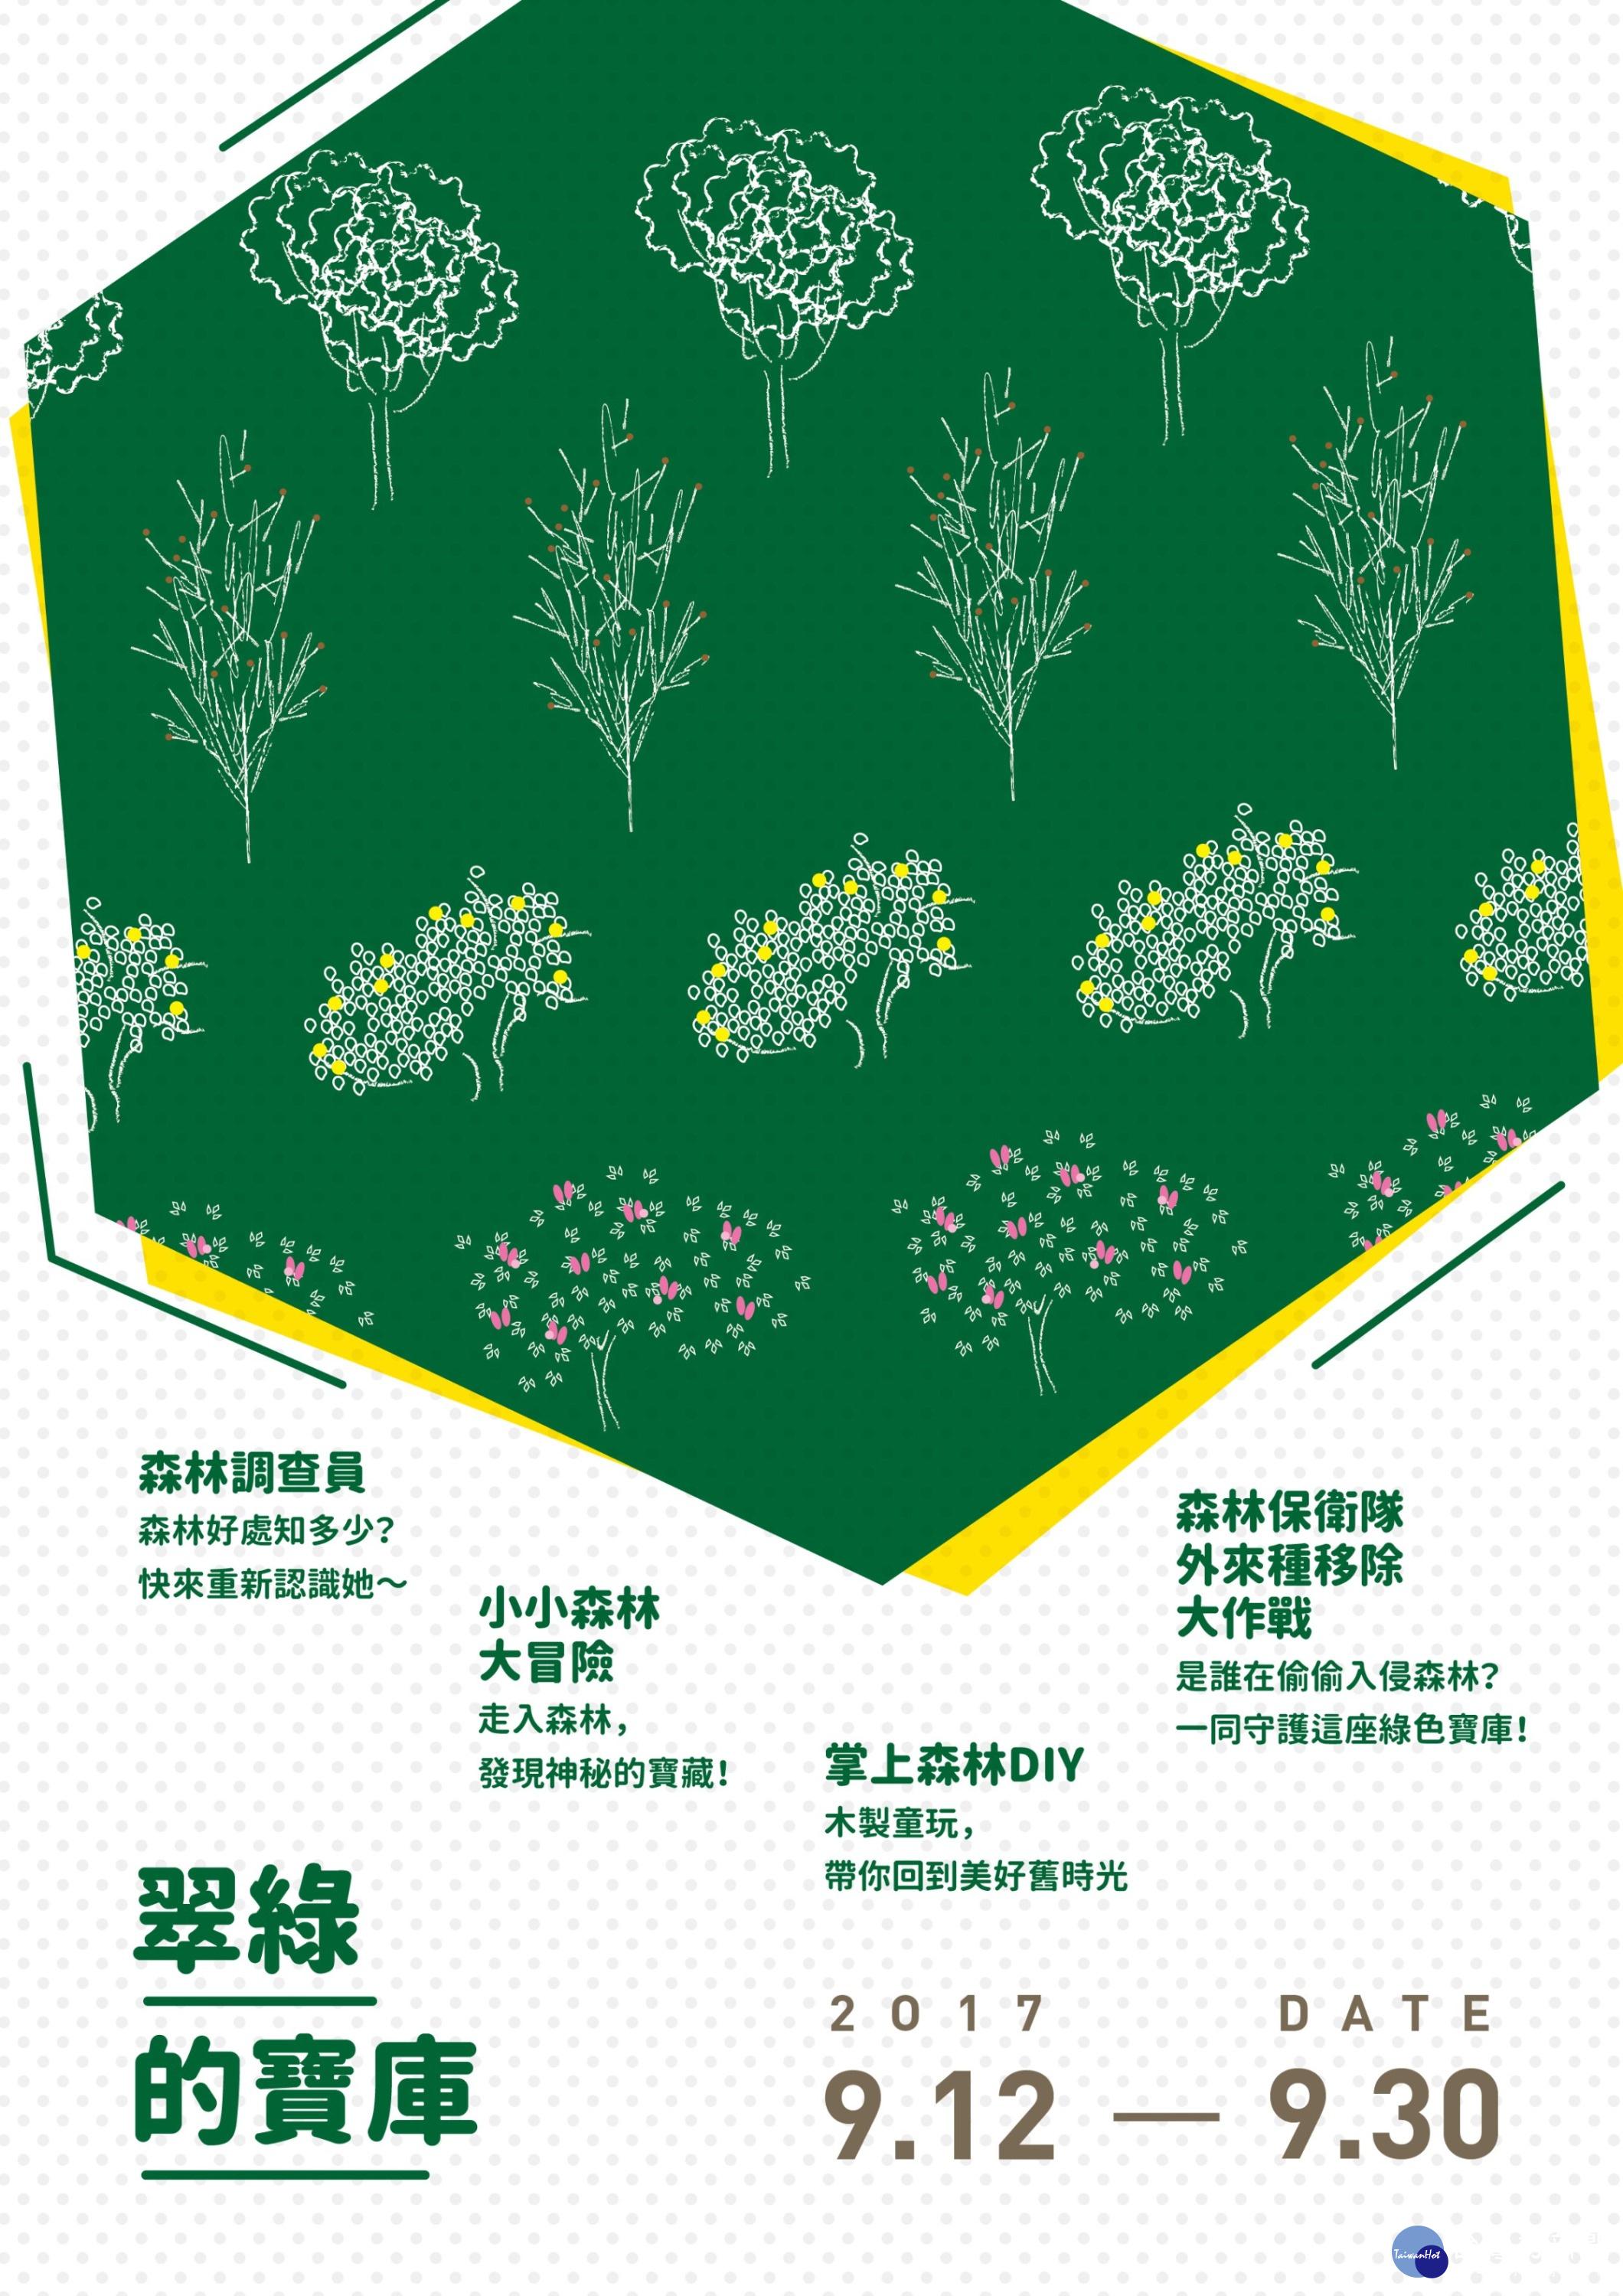 鰲鼓溼地推「翠綠的寶藏」活動 帶您認識平地森林特殊之處